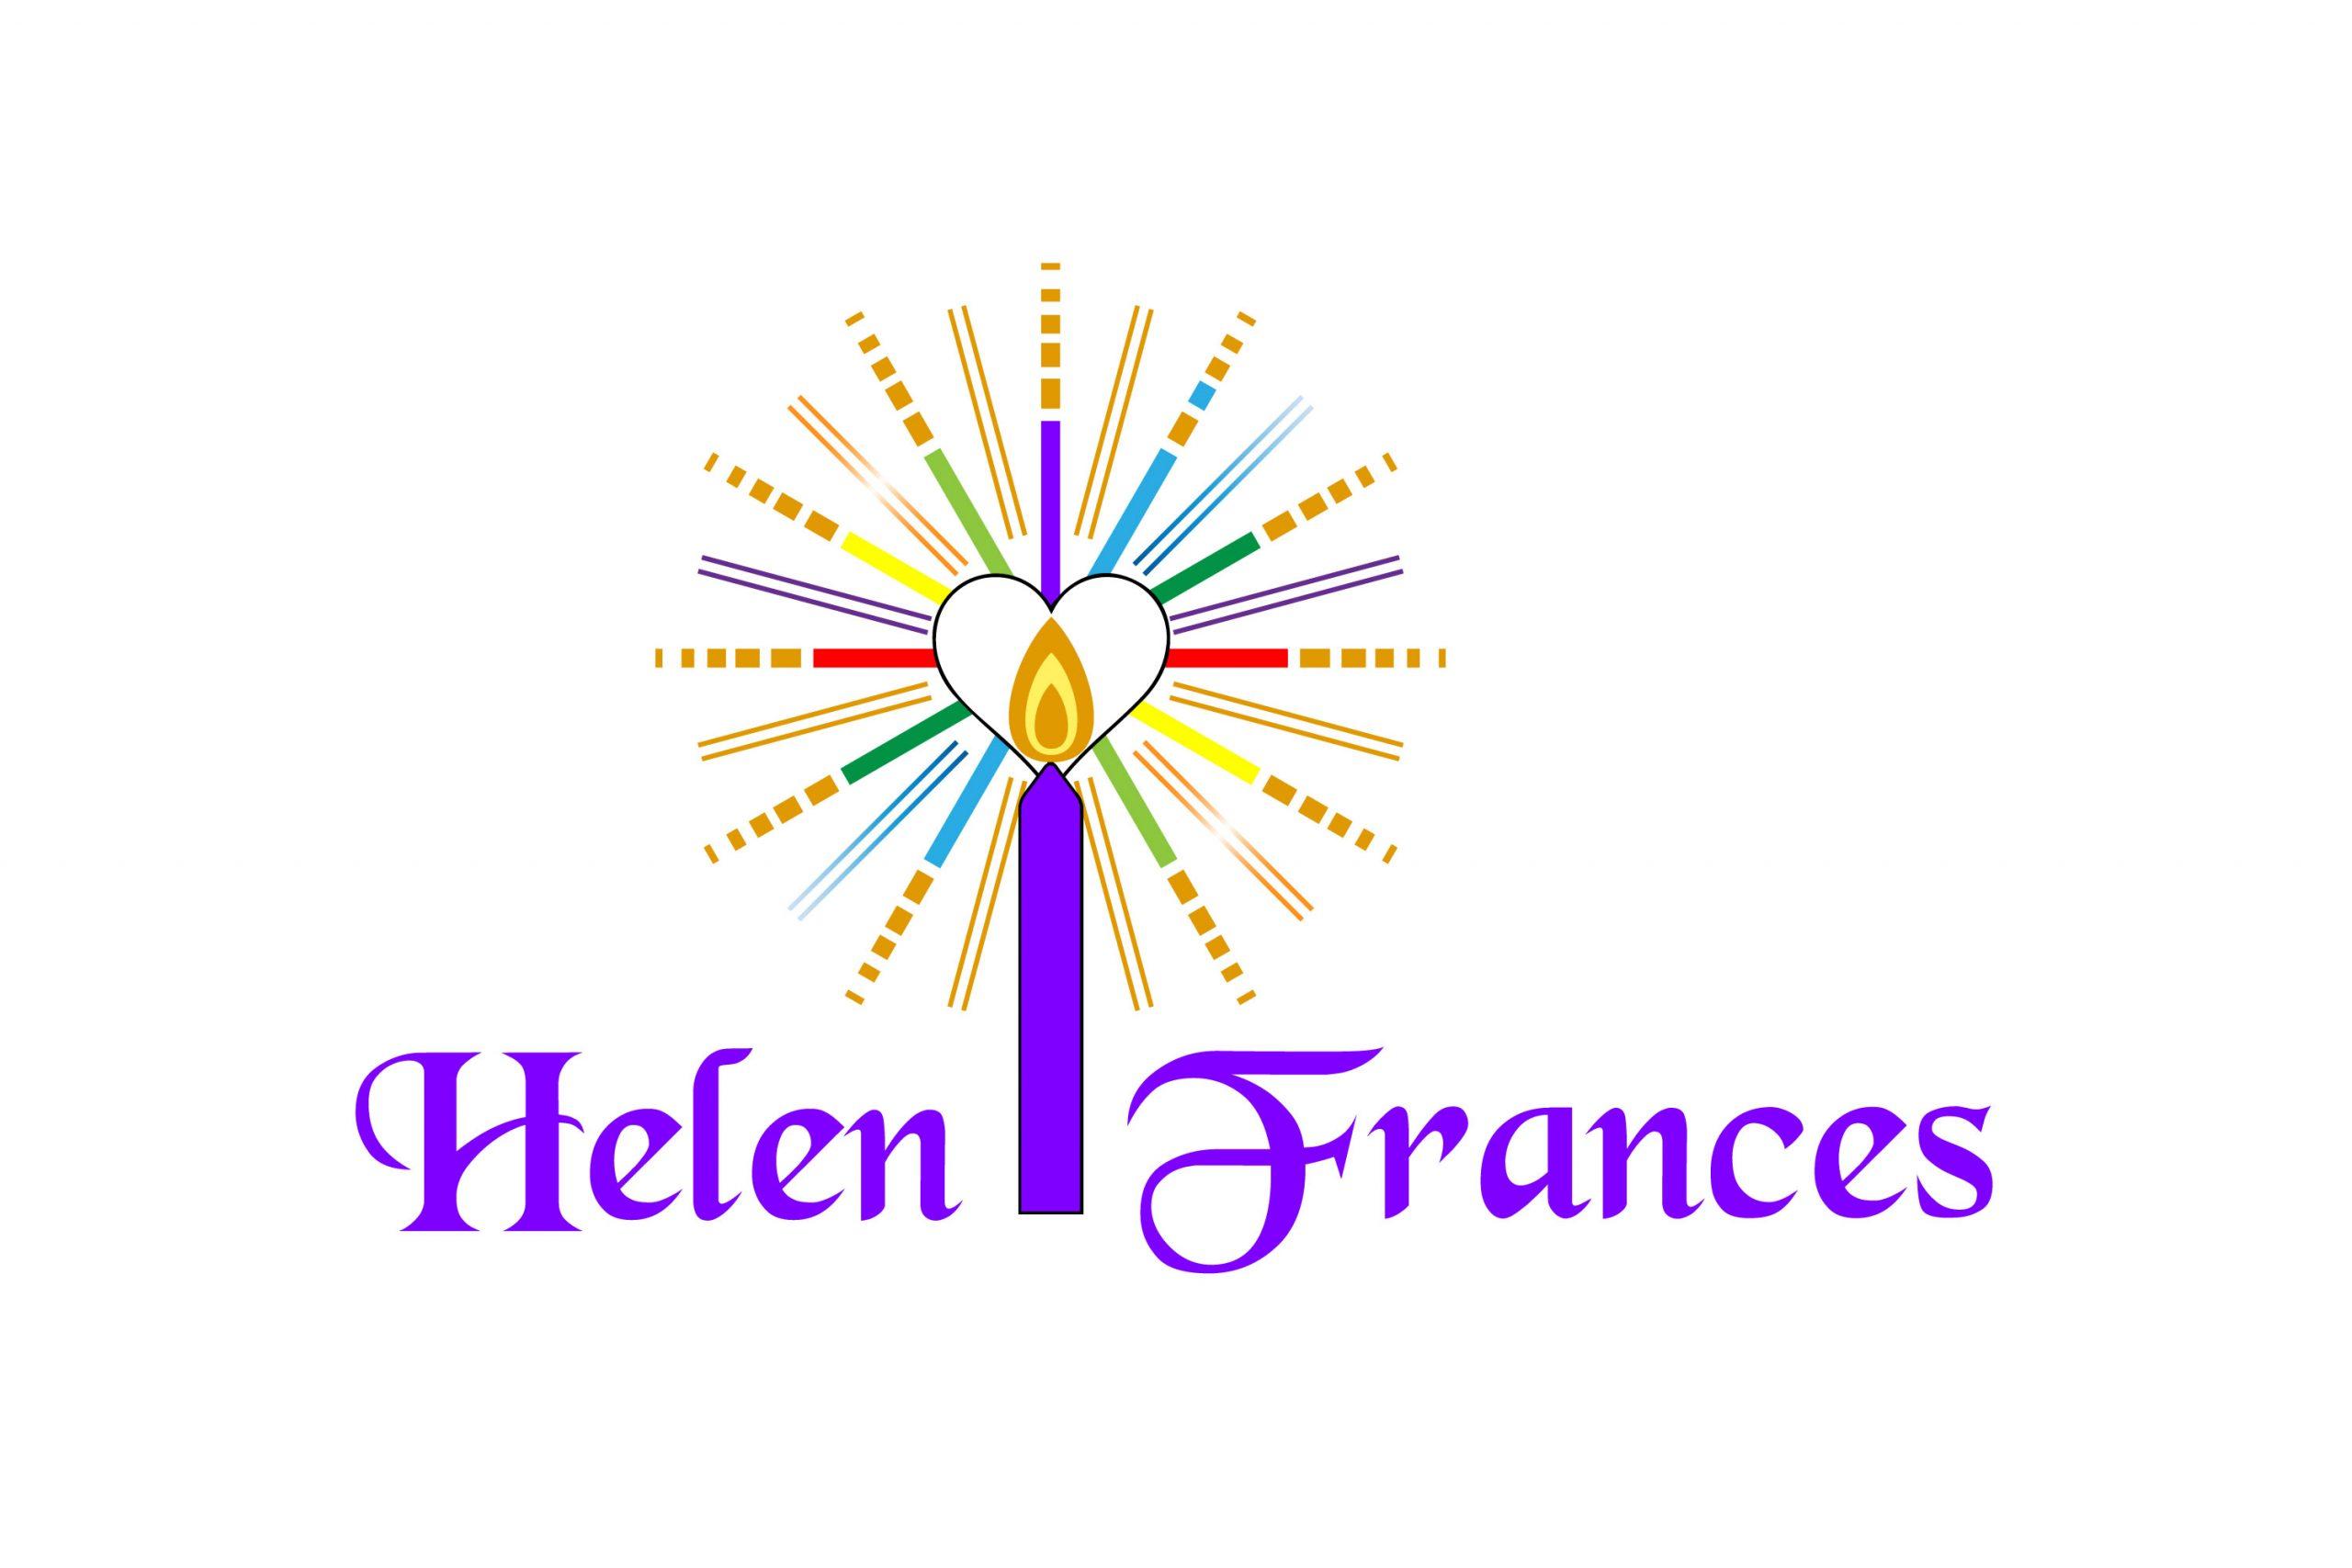 Helen Frances